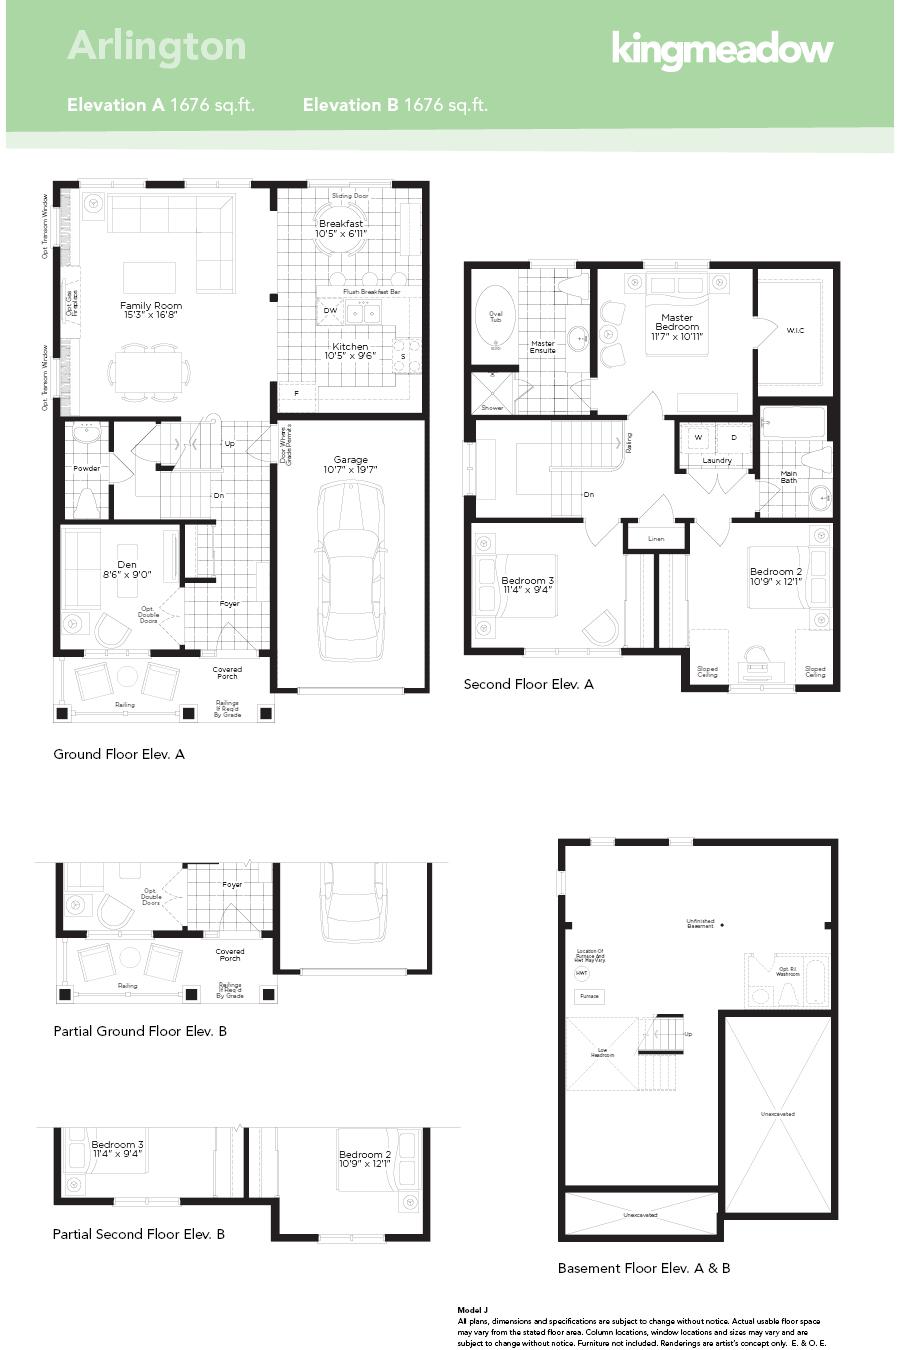 Kingmeadow Arlington Model Oshawa New Homes Minto